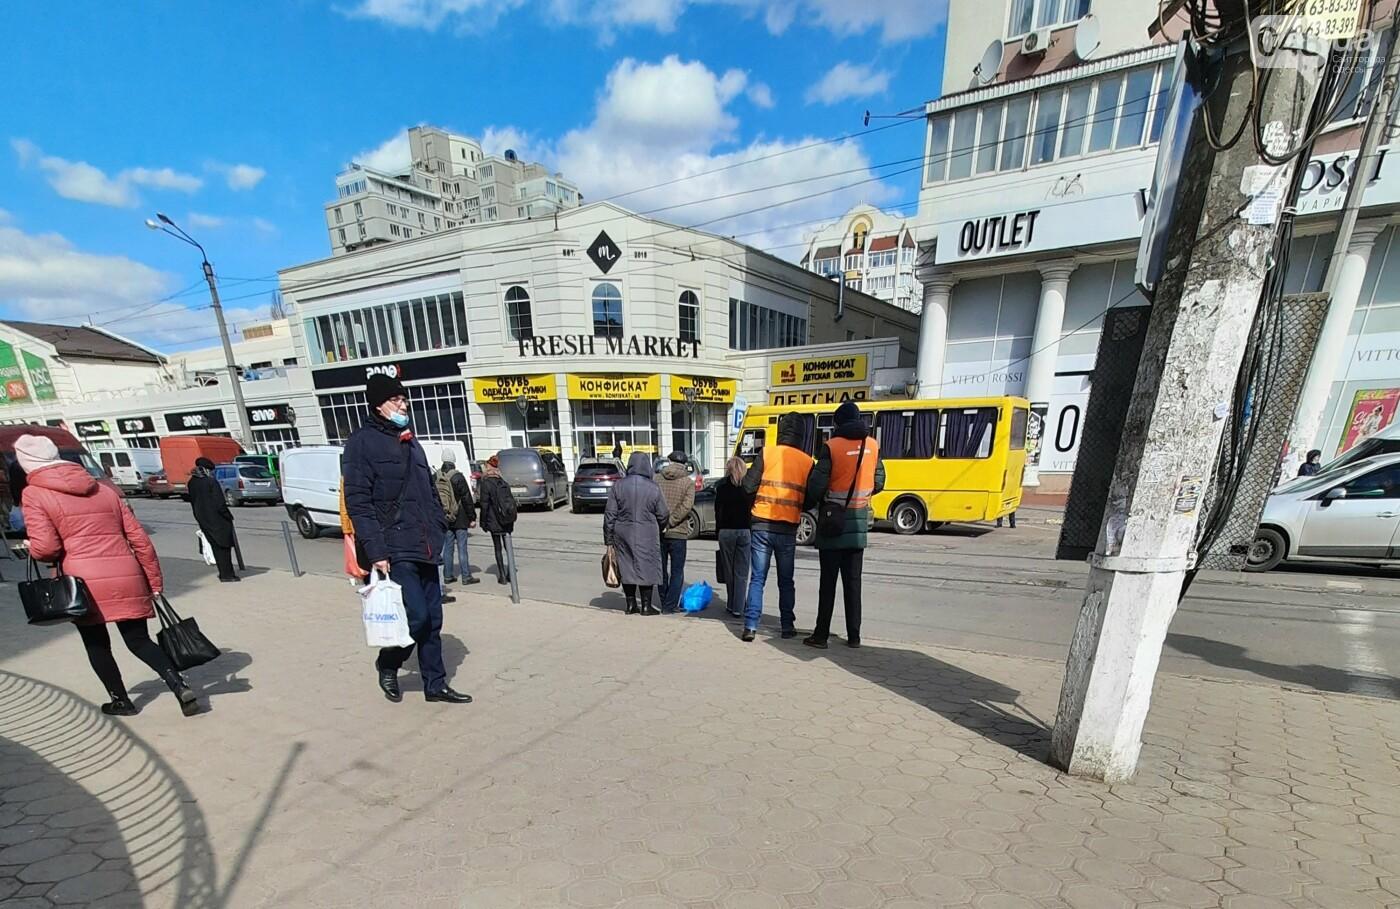 Карантин наполовину: как в Одессе работает общественный транспорт, - ФОТО  , фото-2